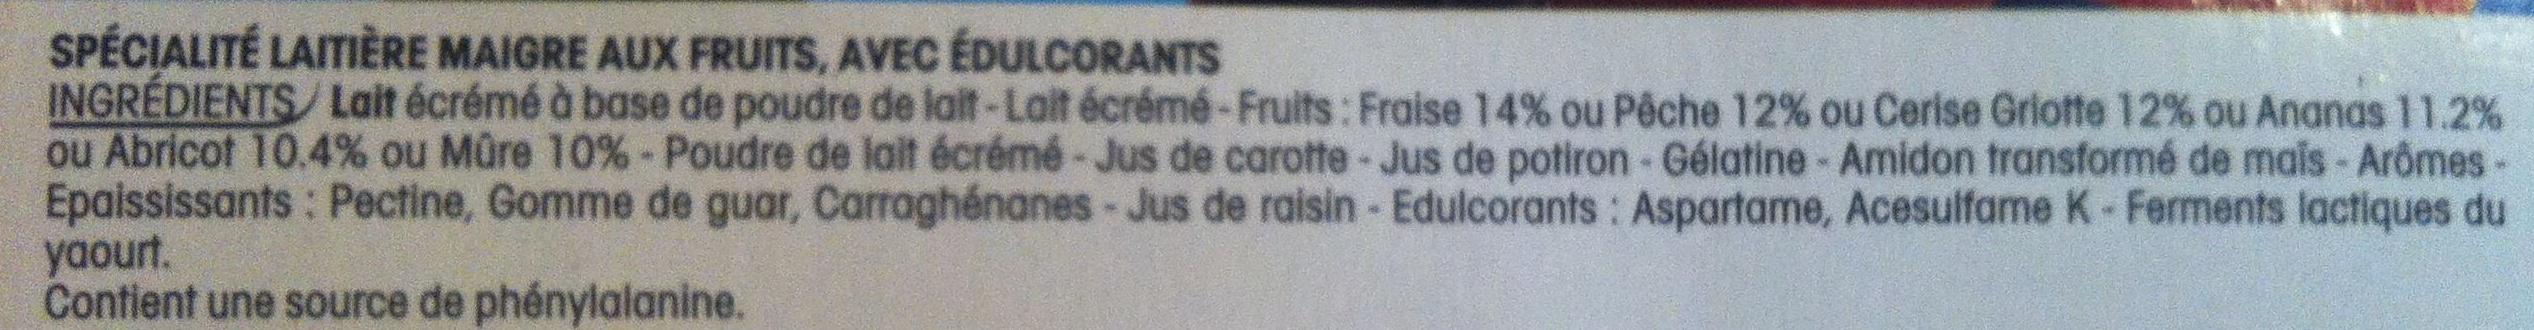 Panier de Yoplait  (0 % MG, 0 % Sucres ajoutés) - (Abricot, Ananas, Cerise, Fraise, Mûre, Pêche) 16 Pots - Ingrédients - fr